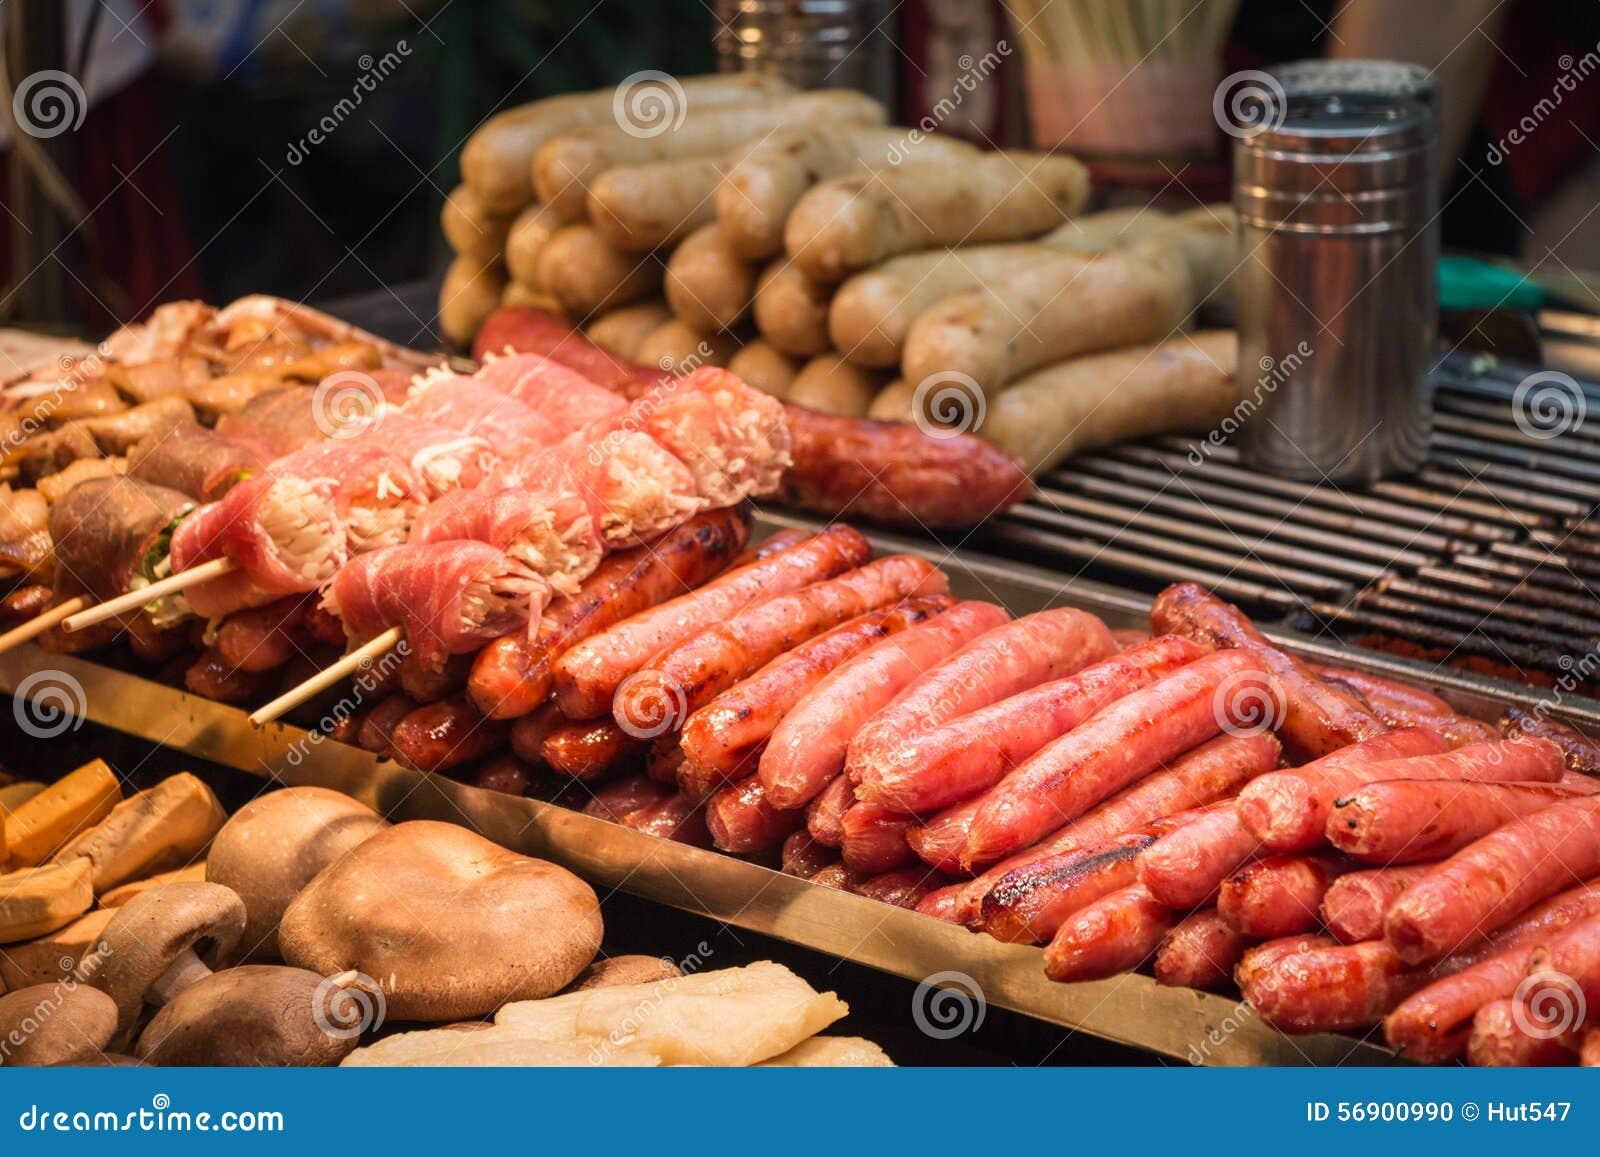 Ψημένα στη σχάρα ταϊβανικά λουκάνικα, μανιτάρια enoki χοιρινού κρέατος